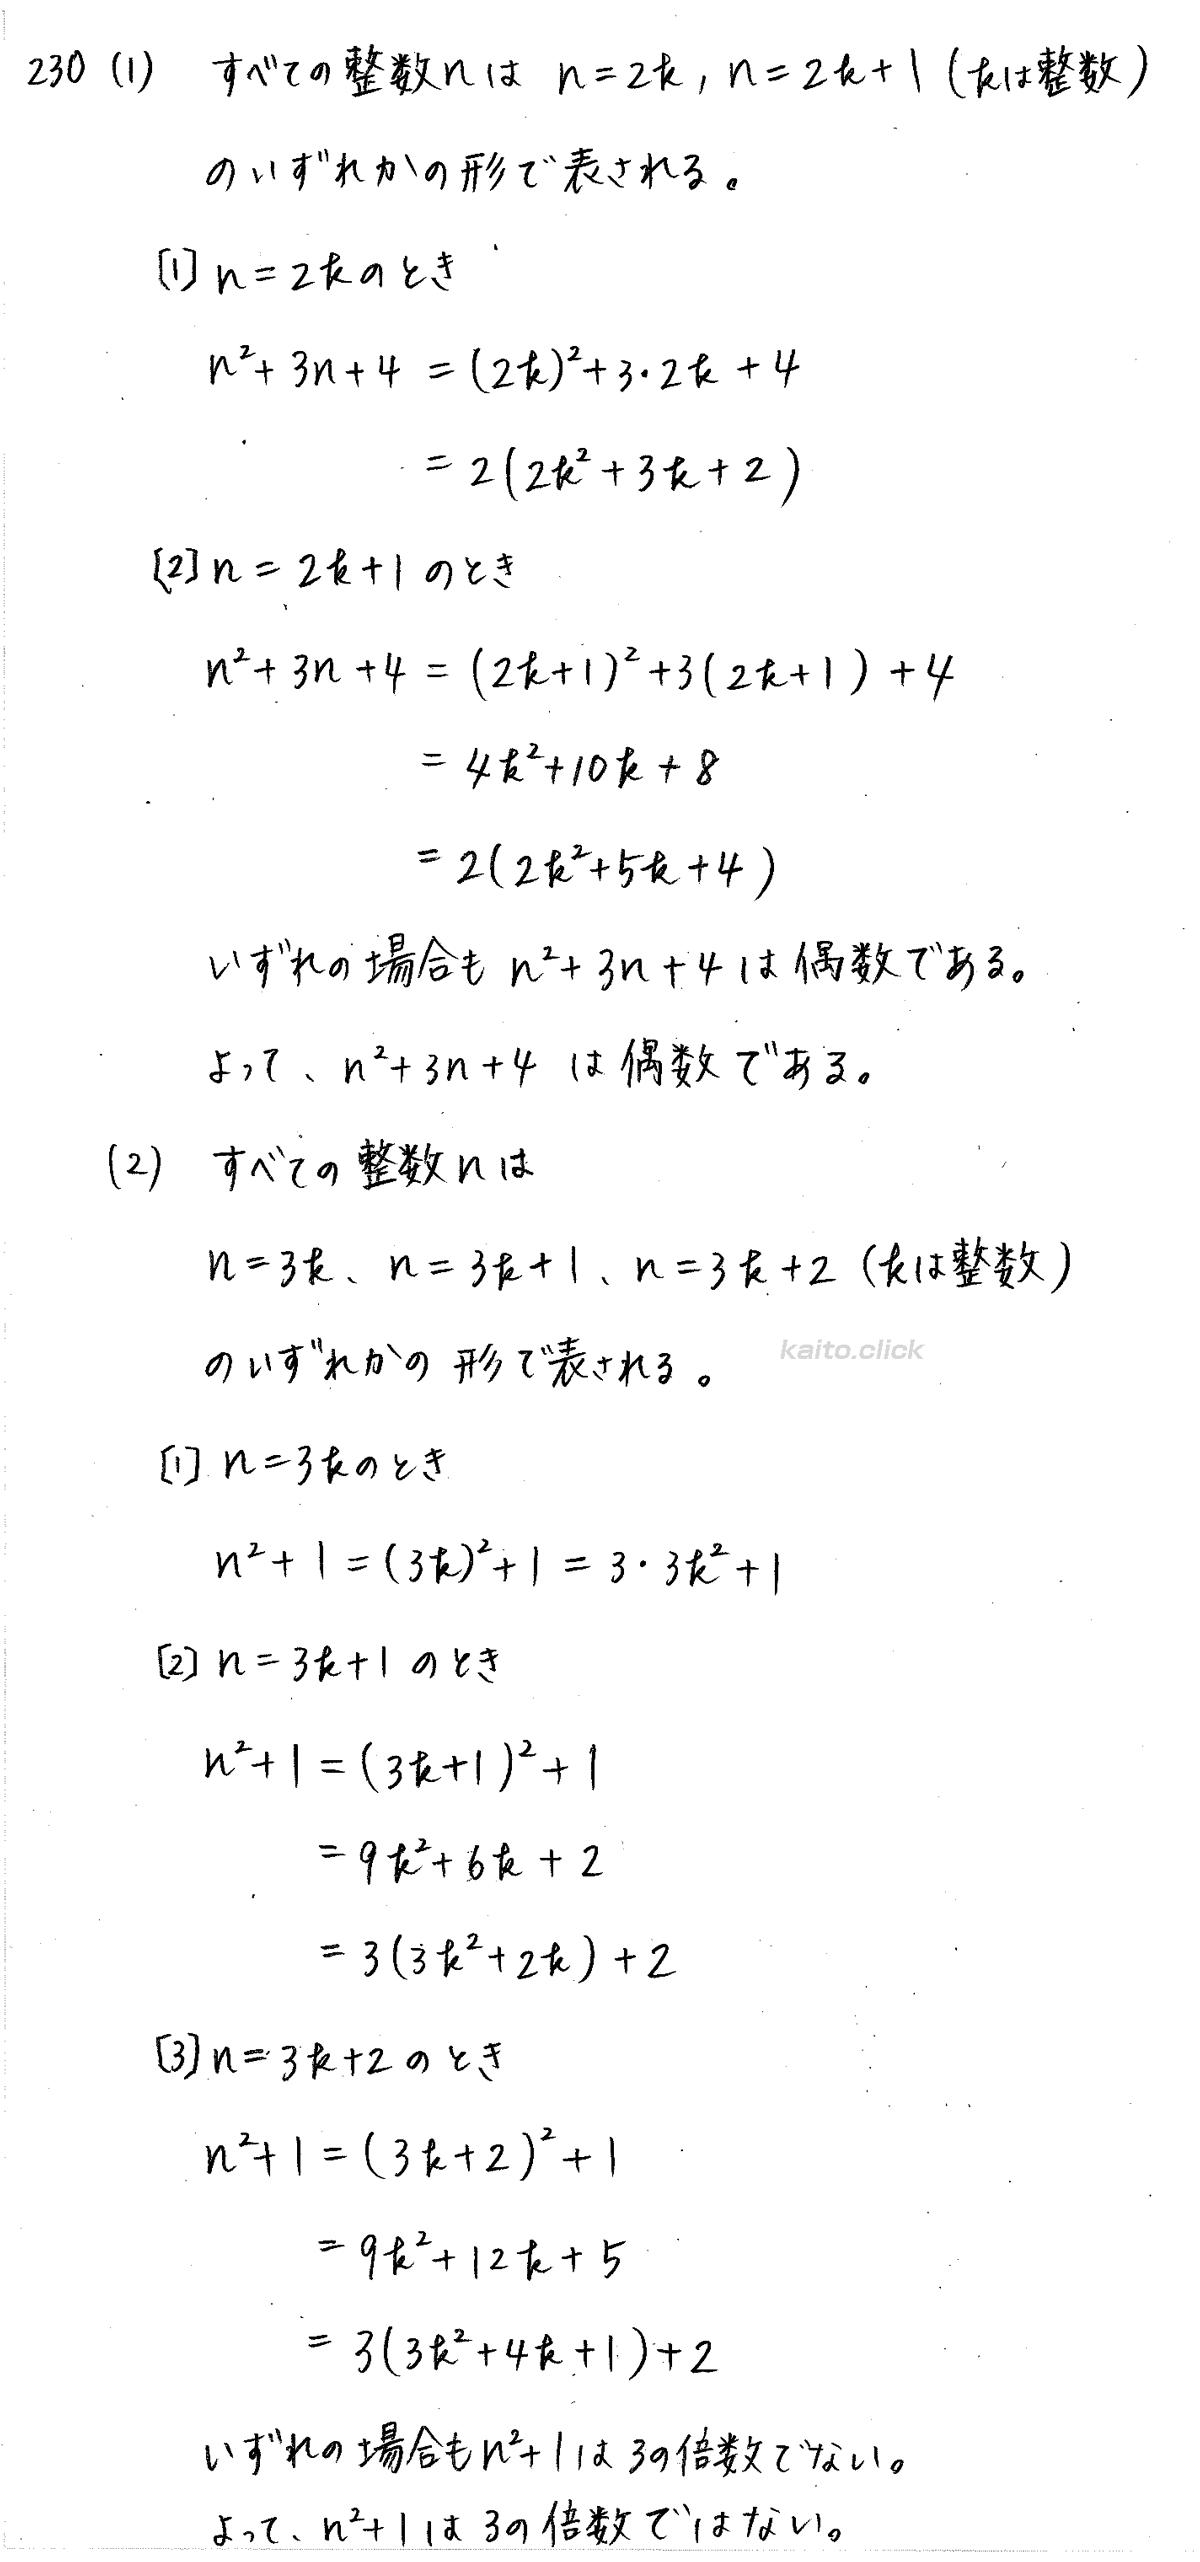 クリアー数学A-230解答